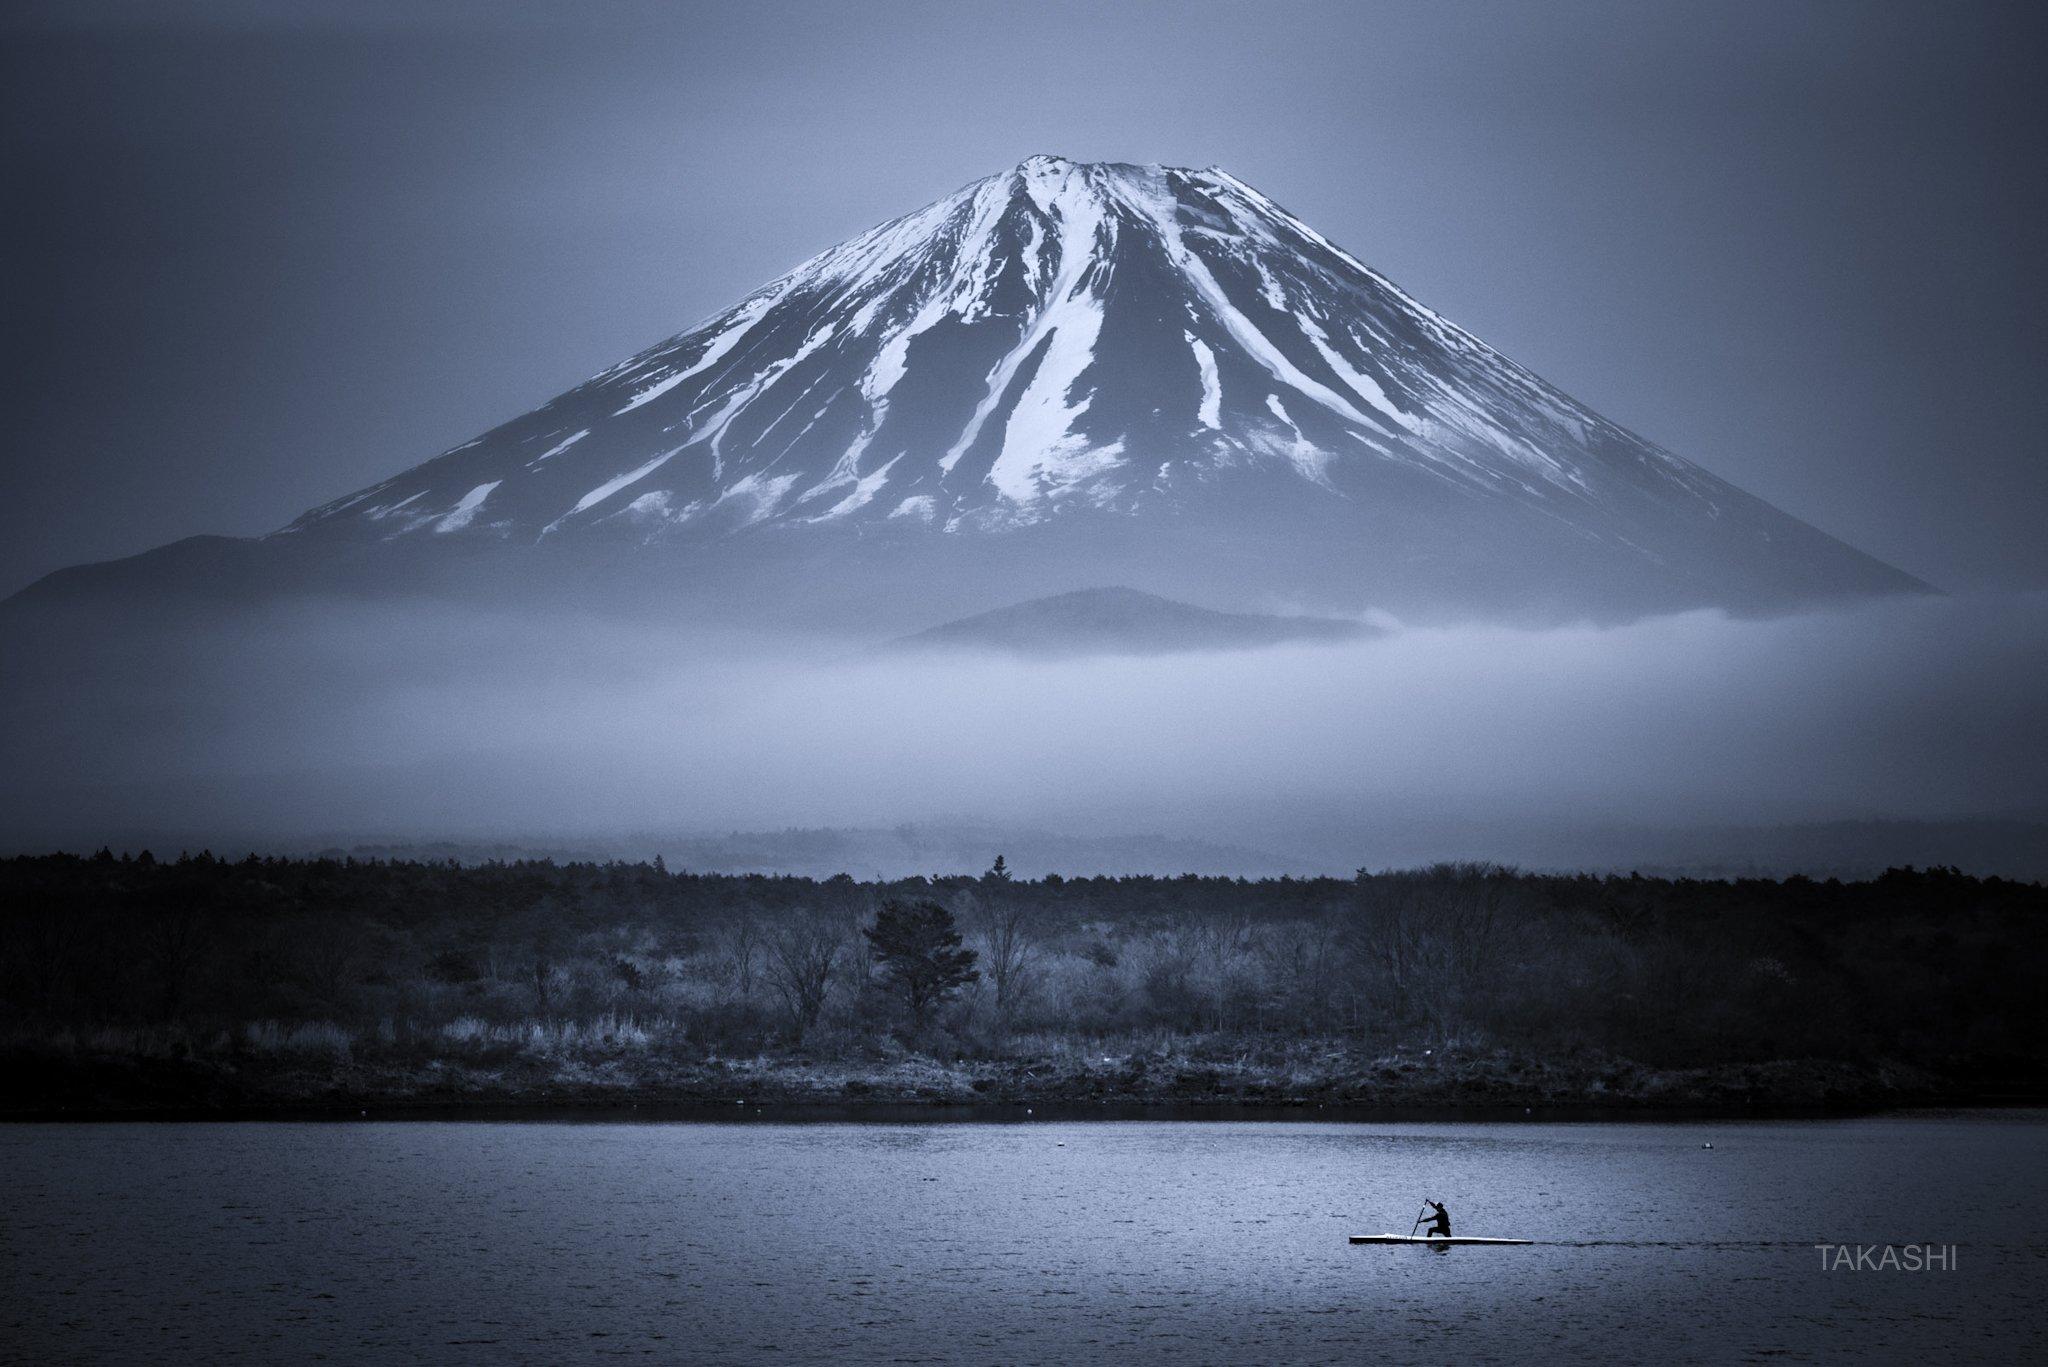 Fuji,Japan,mountain,cloud,boat,training,lake,water,cloud, Takashi